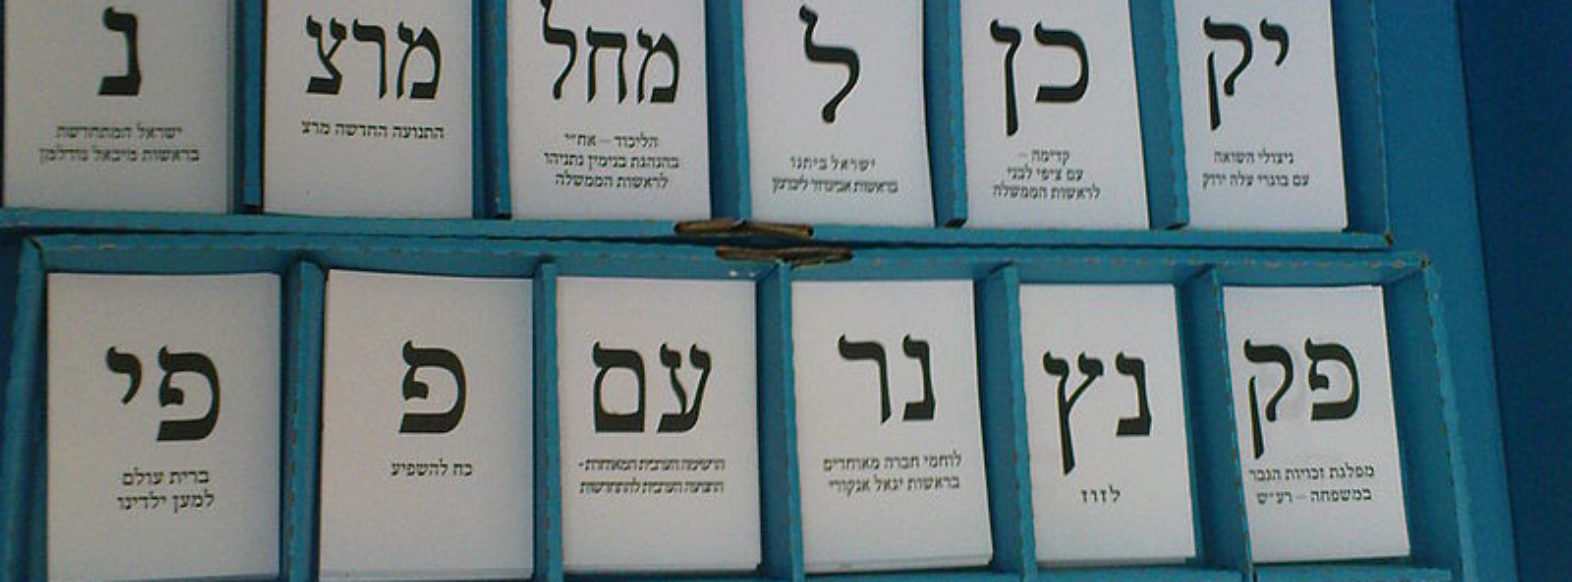 לראשונה בישראל-יועברו תוצאות הבחירות בביאליק-live